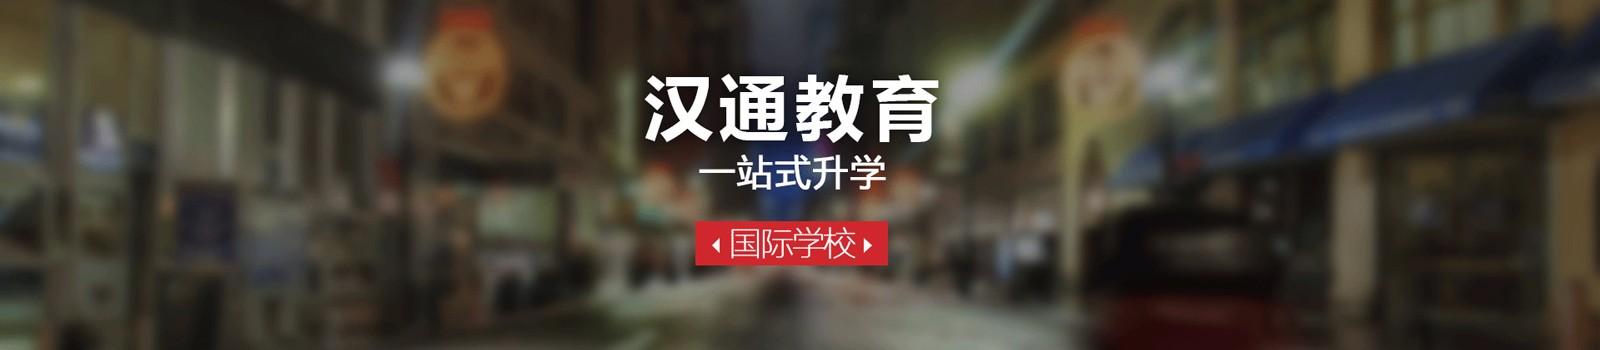 北京国际学校哪家好